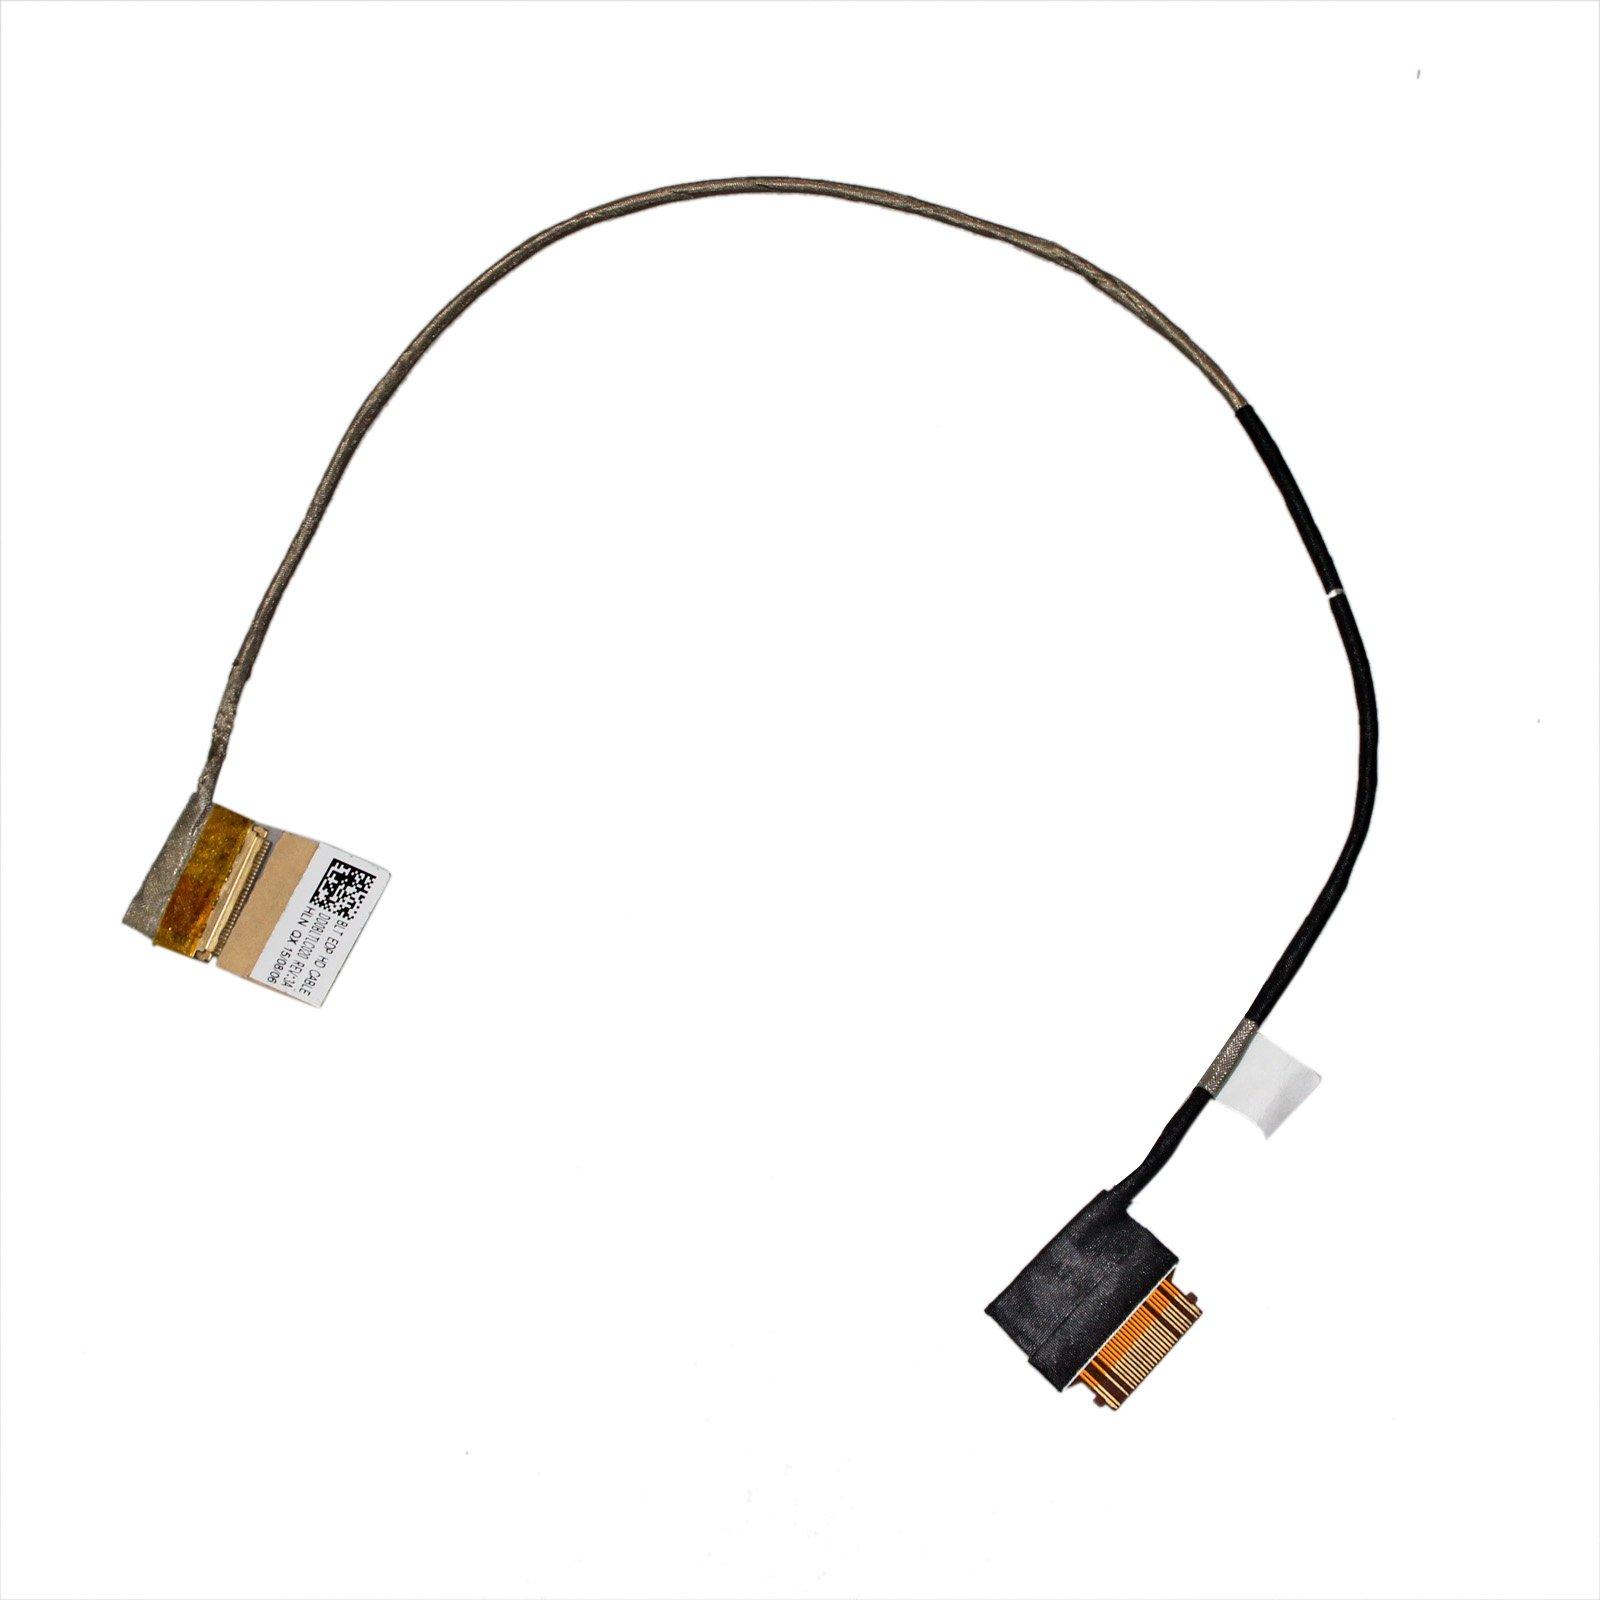 Cable Flex LVDS para Toshiba Satellite S55-C5364 C55-C5270 C